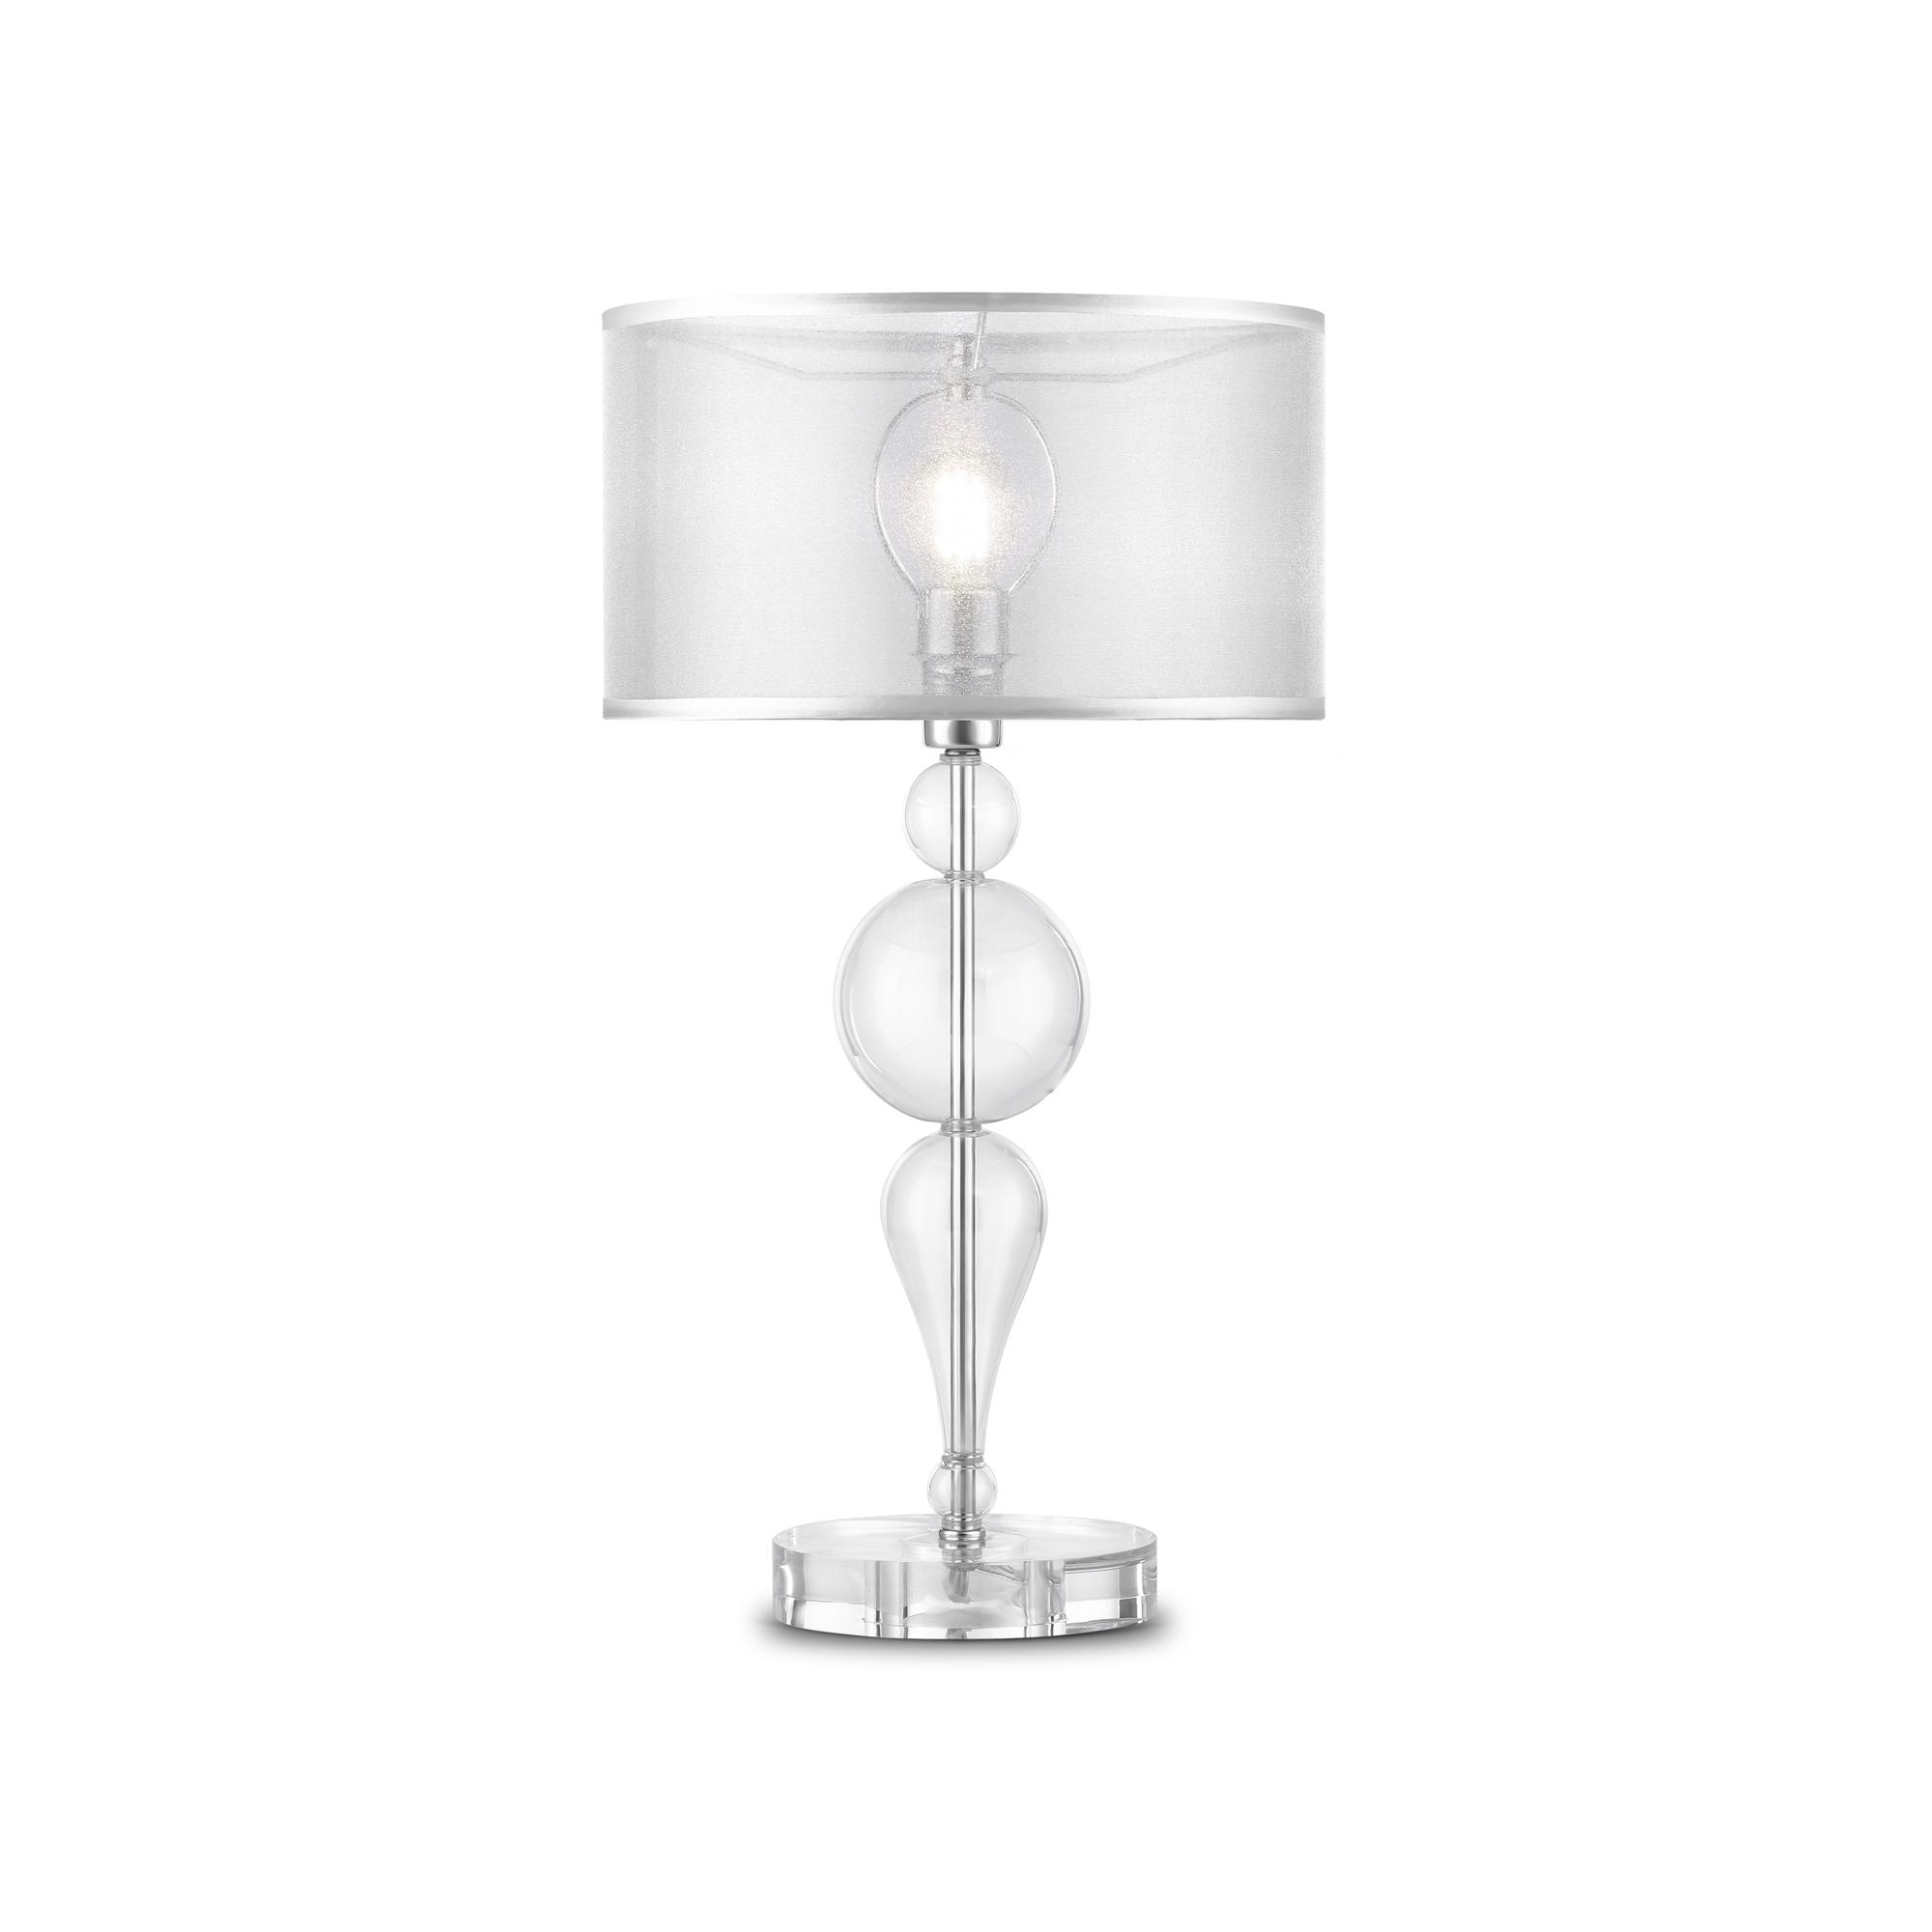 Настольная лампа Maytoni Neoclassic Bubble Dreams MOD603-11-N, 1xE14x40W, хром с прозрачным, прозрачный с хромом, прозрачный, стекло с металлом, текстиль - фото 1